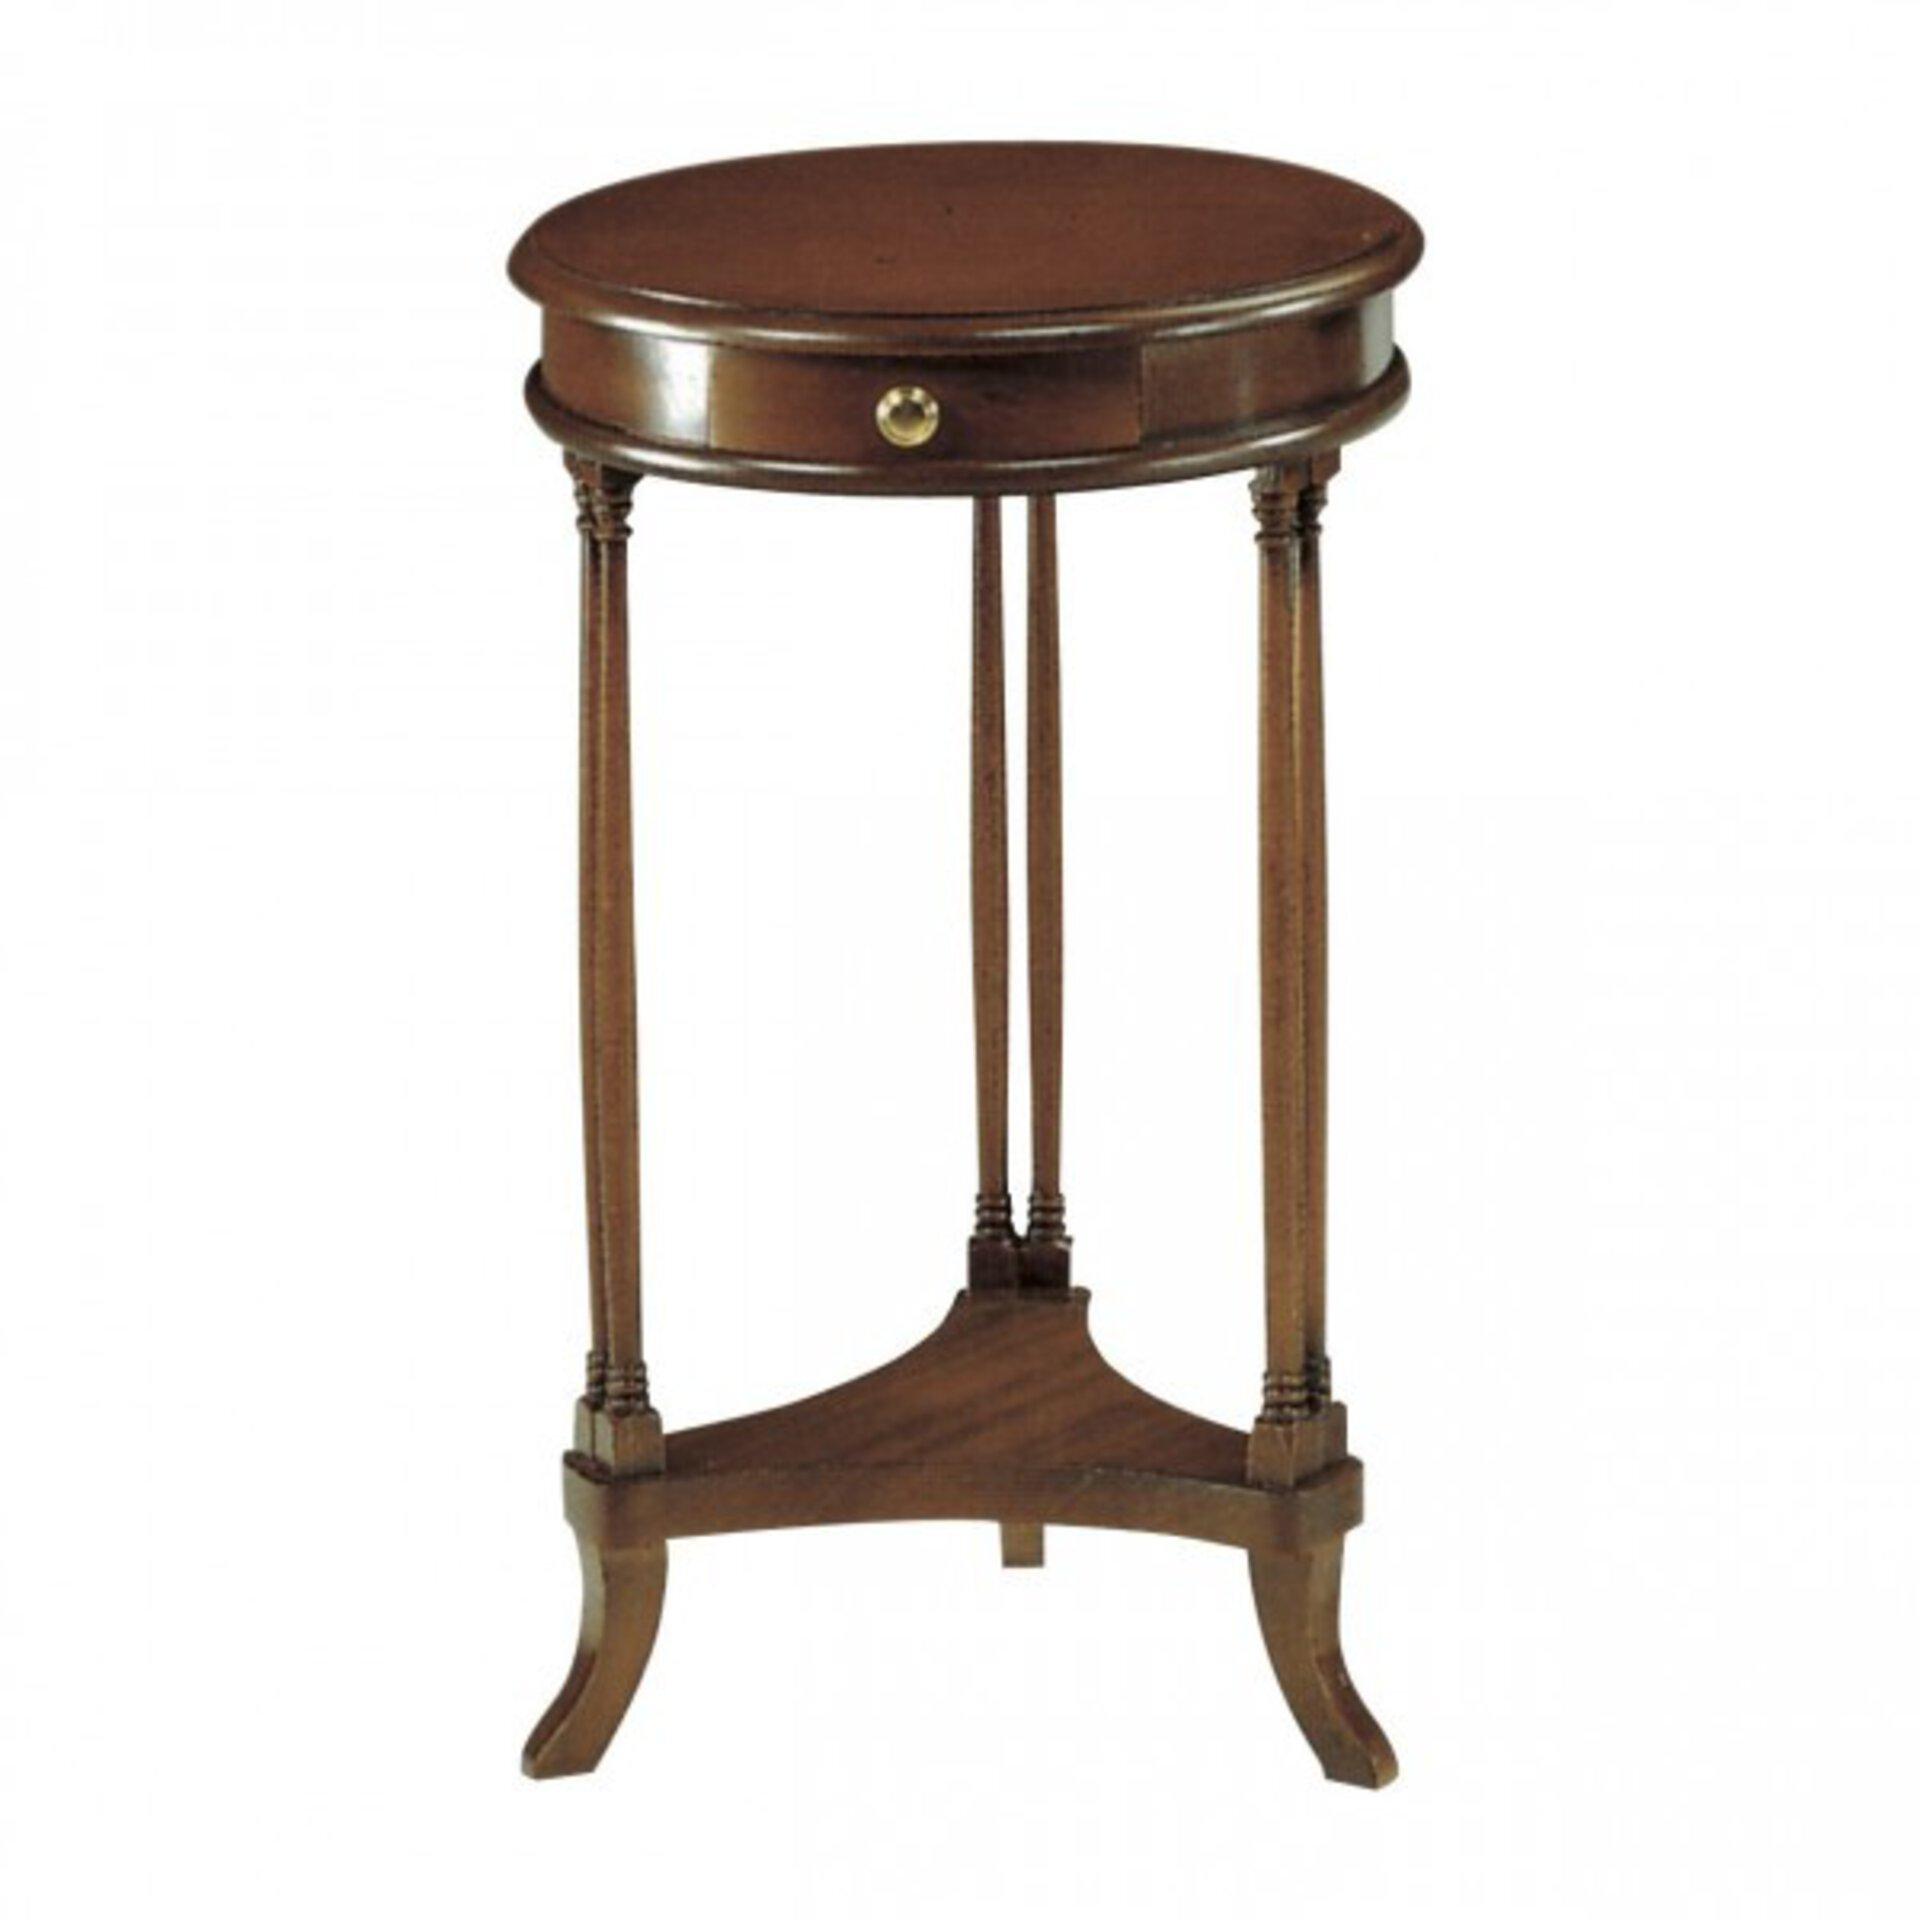 Beistelltisch IS-Stilmöbel Holz braun 70 x 44 x 44 cm